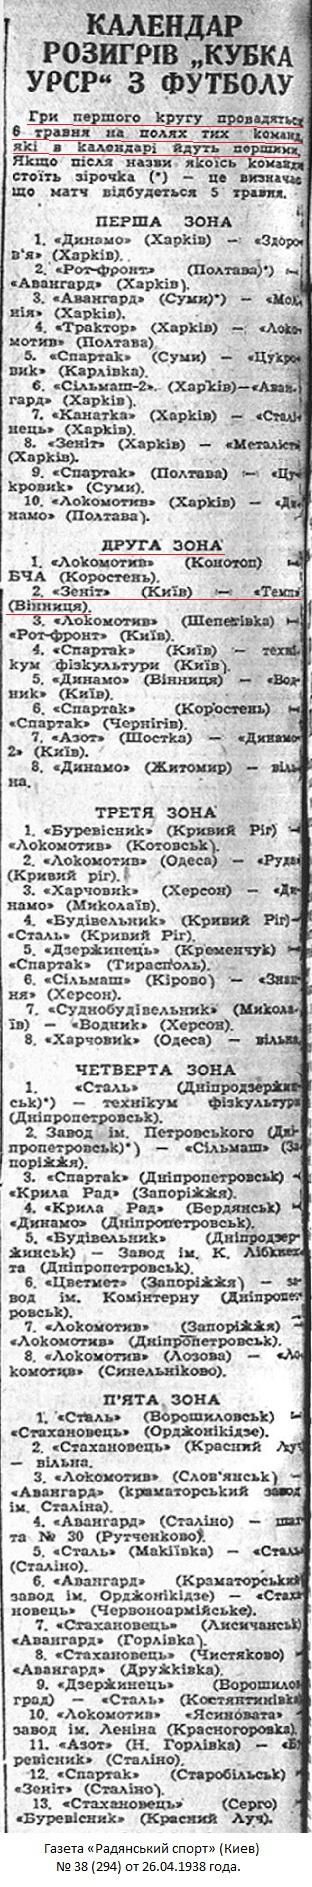 Зенит - Краснознаменный машиностроительный завод (Киев) - Темп (Винница) 5:3